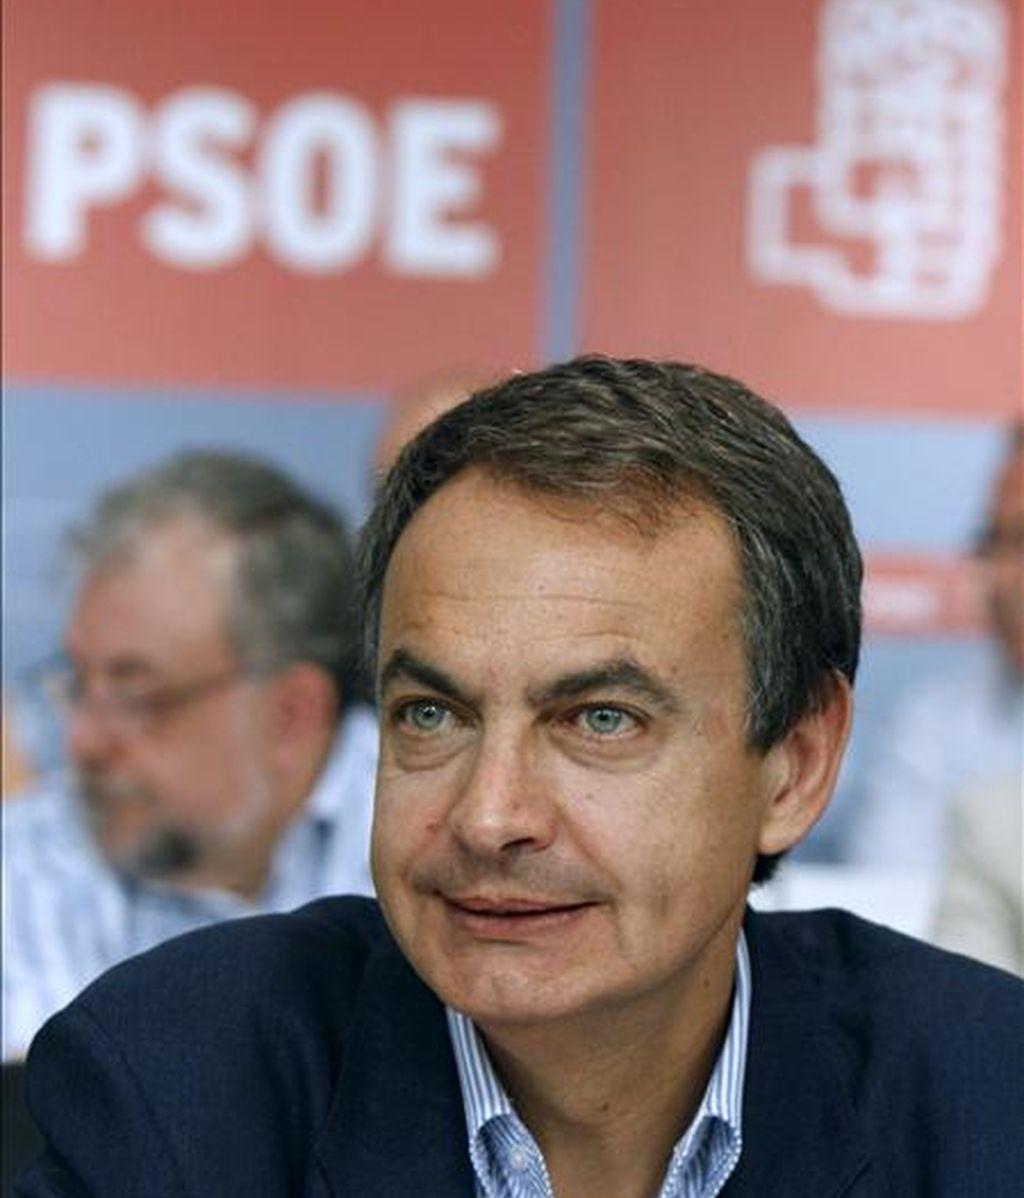 El presidente del Gobierno y lider del PSOE, José Luís Rodríguez Zapatero, durante la reunión del Comité Federal de este partido, que dará el visto bueno al inicio del proceso para preparar las candidaturas de las elecciones autonómicas y municipales de 2011. EFE